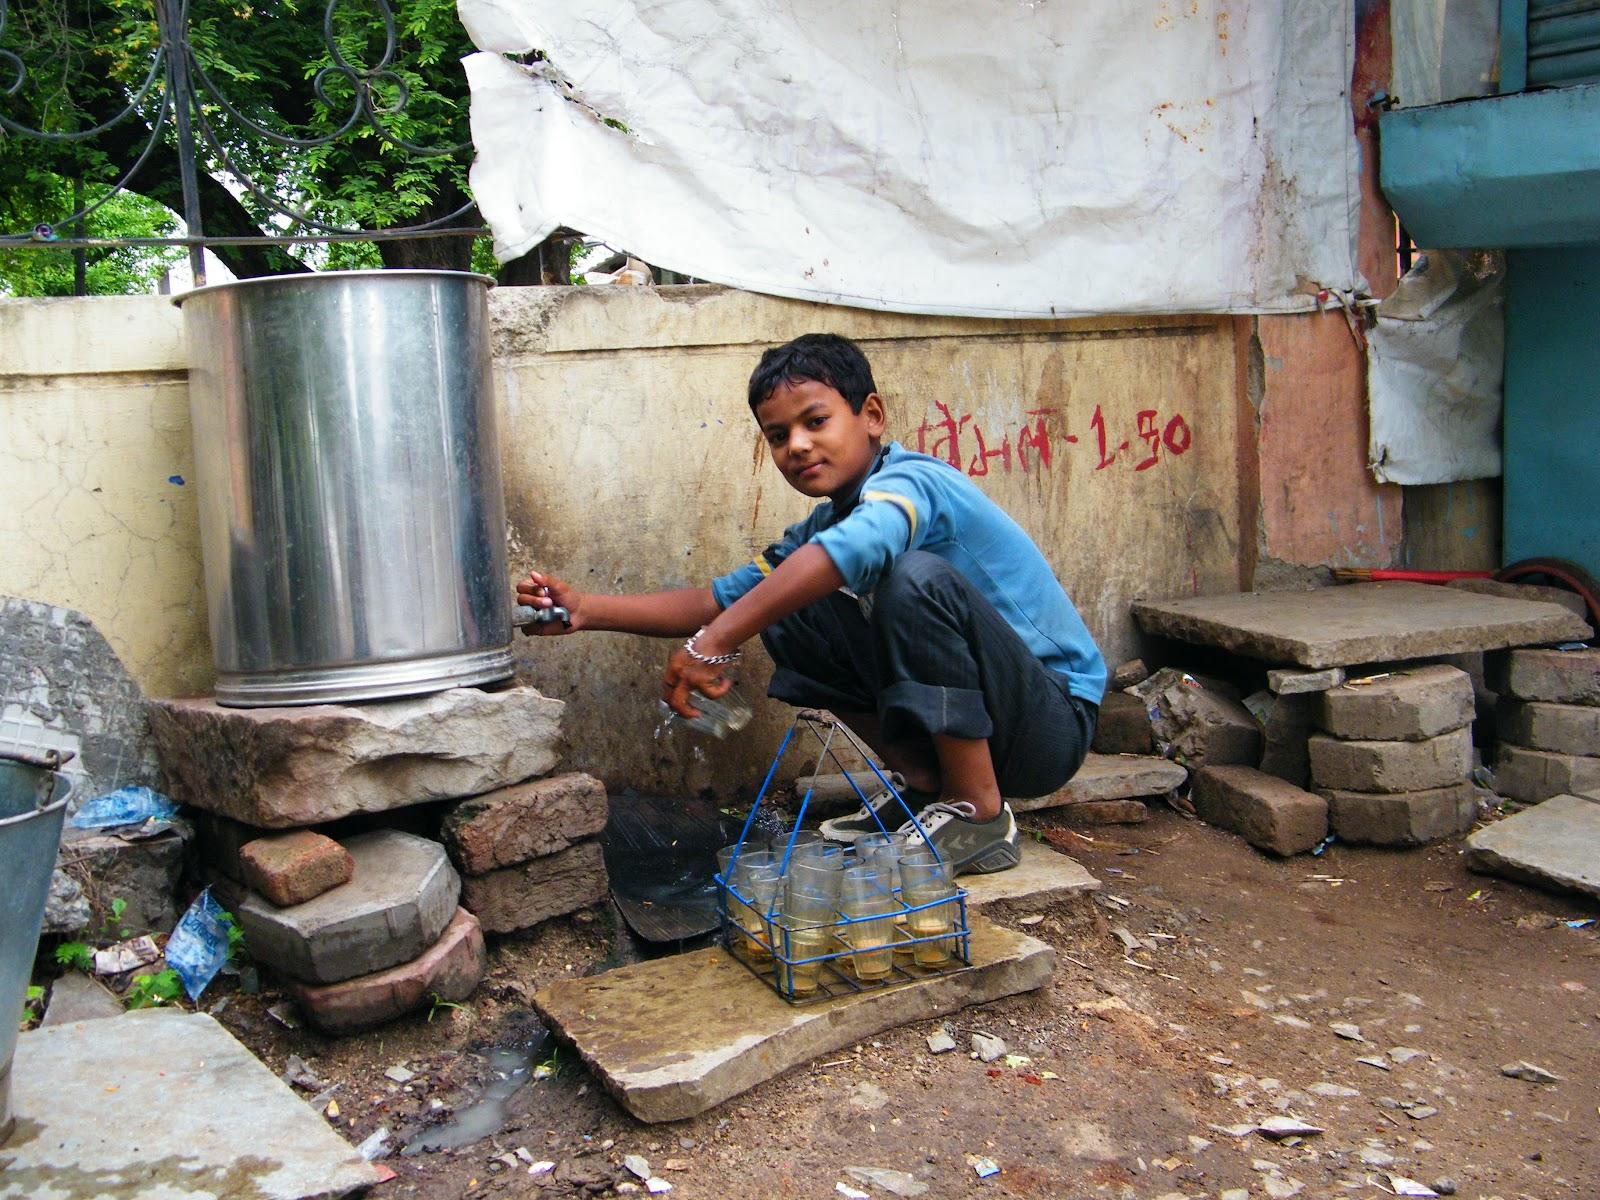 File:Child Labourer Wasim.JPG